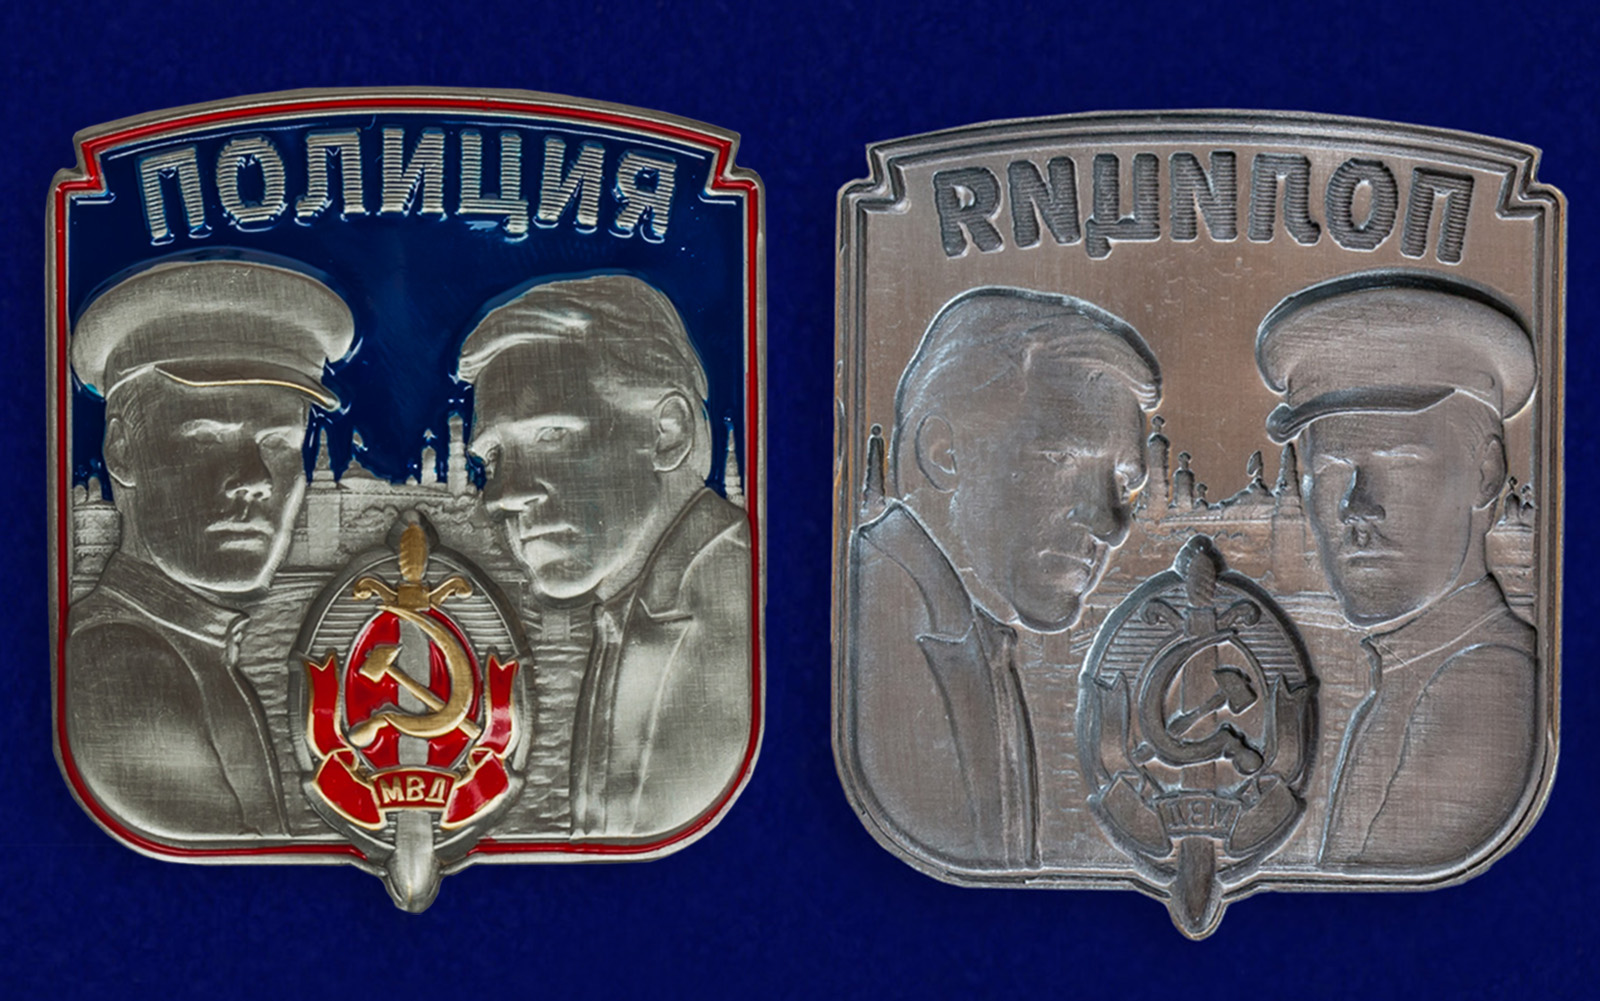 Сувенирный жетон сотруднику Полиции - отменное качестао